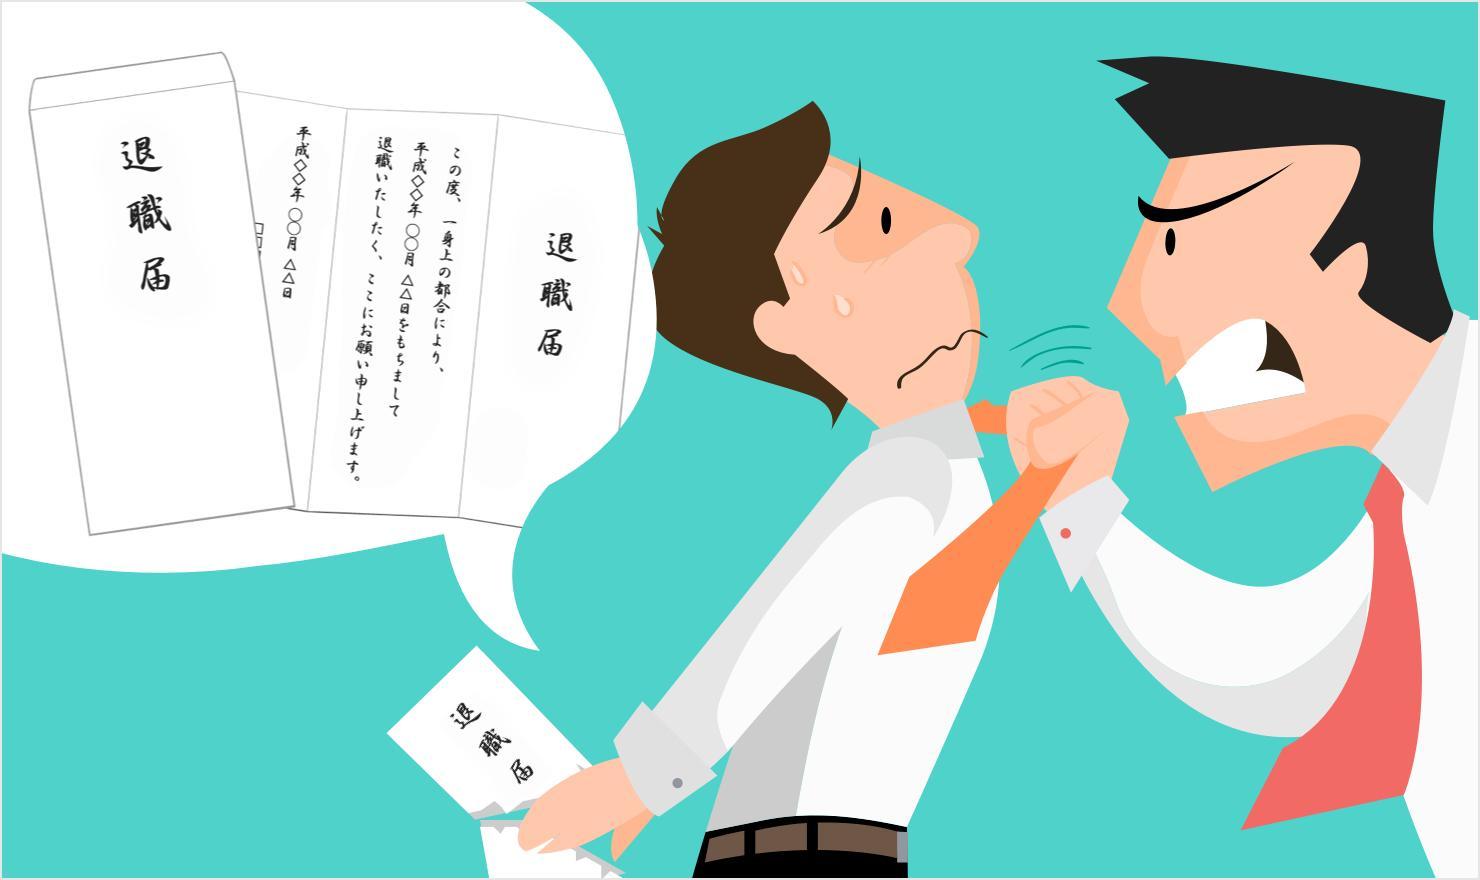 【会社を辞めたいのに辞められない…】退職できないときの対処法 | JOBSHIL